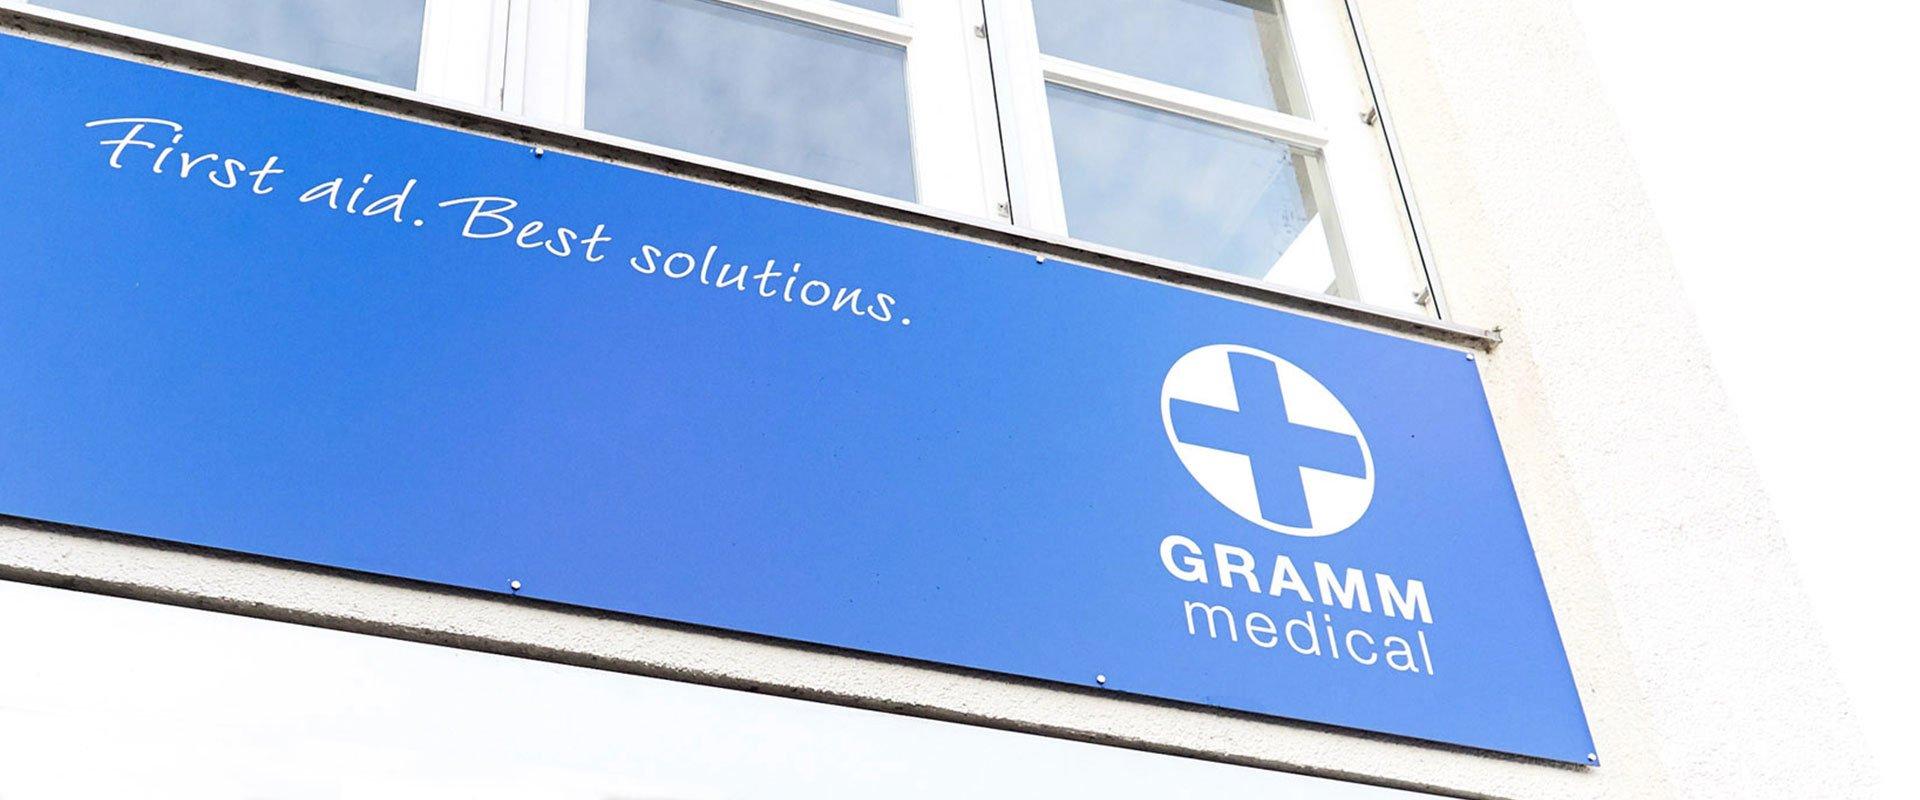 gramm-medical-unternehmen-firma-wir-ueber-uns-fimrenhistorie